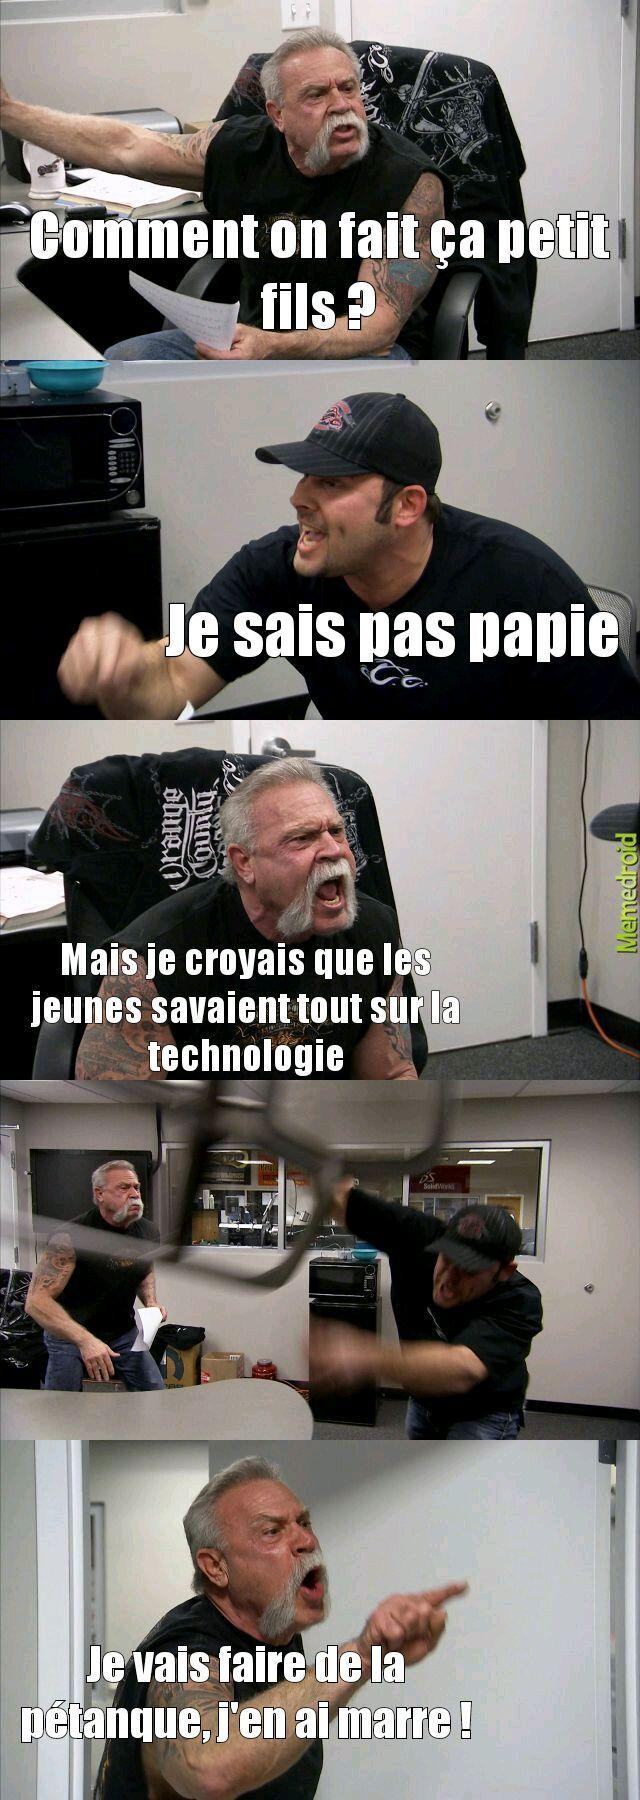 Les vieux et la technologie - meme